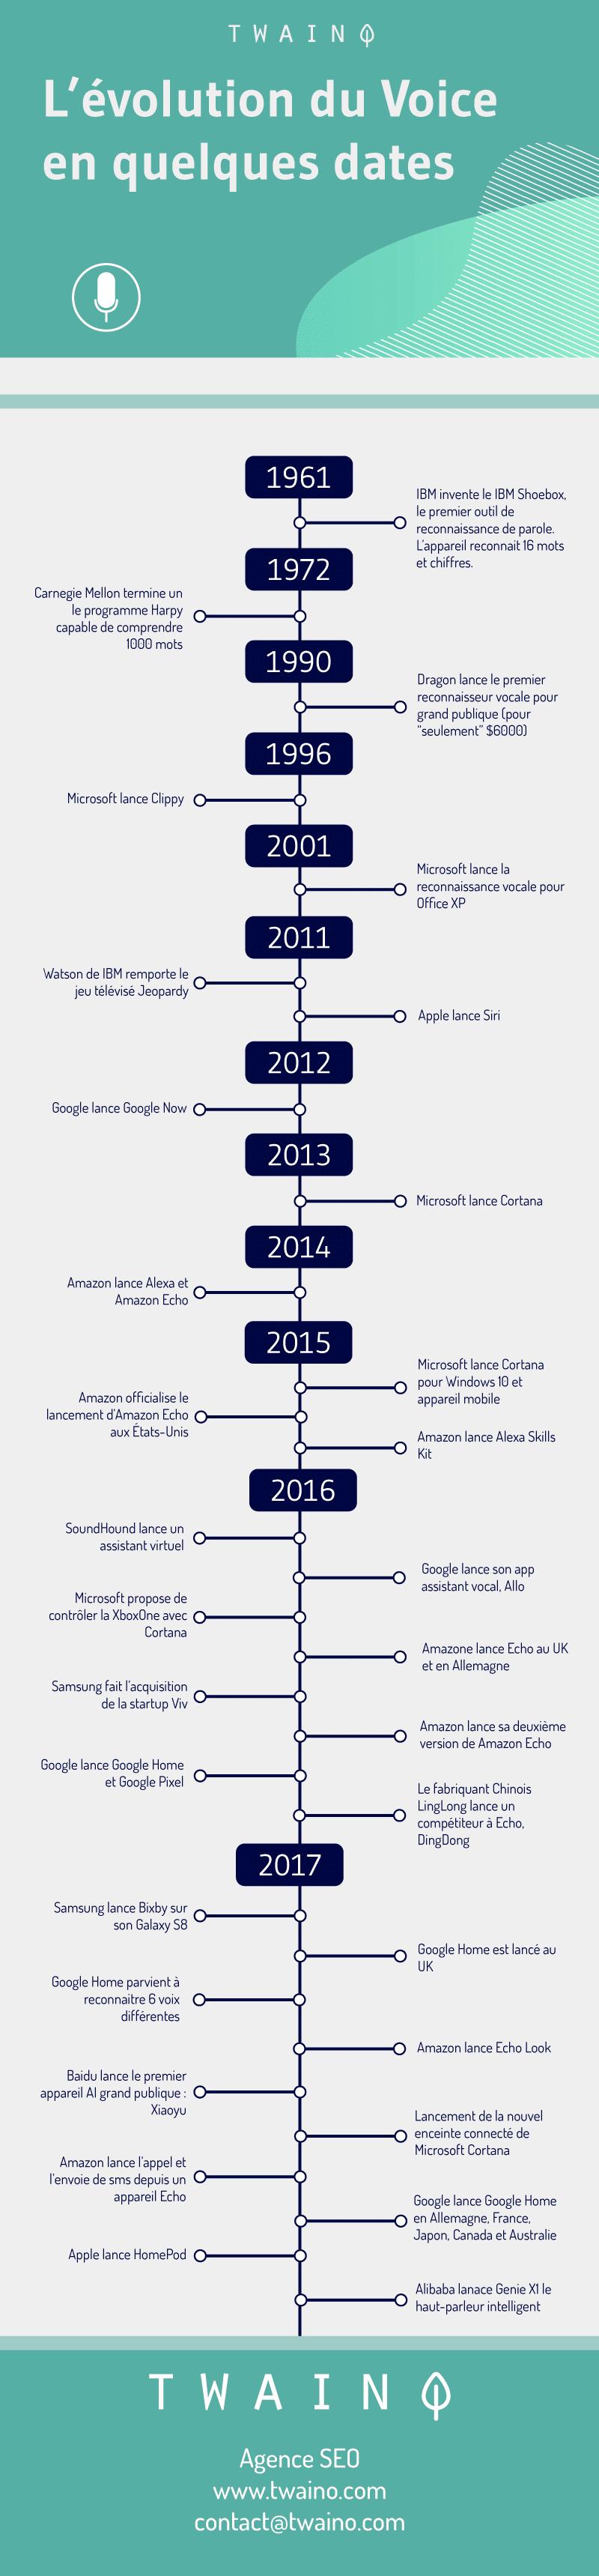 Evolution du Voice en quelques dates infographie